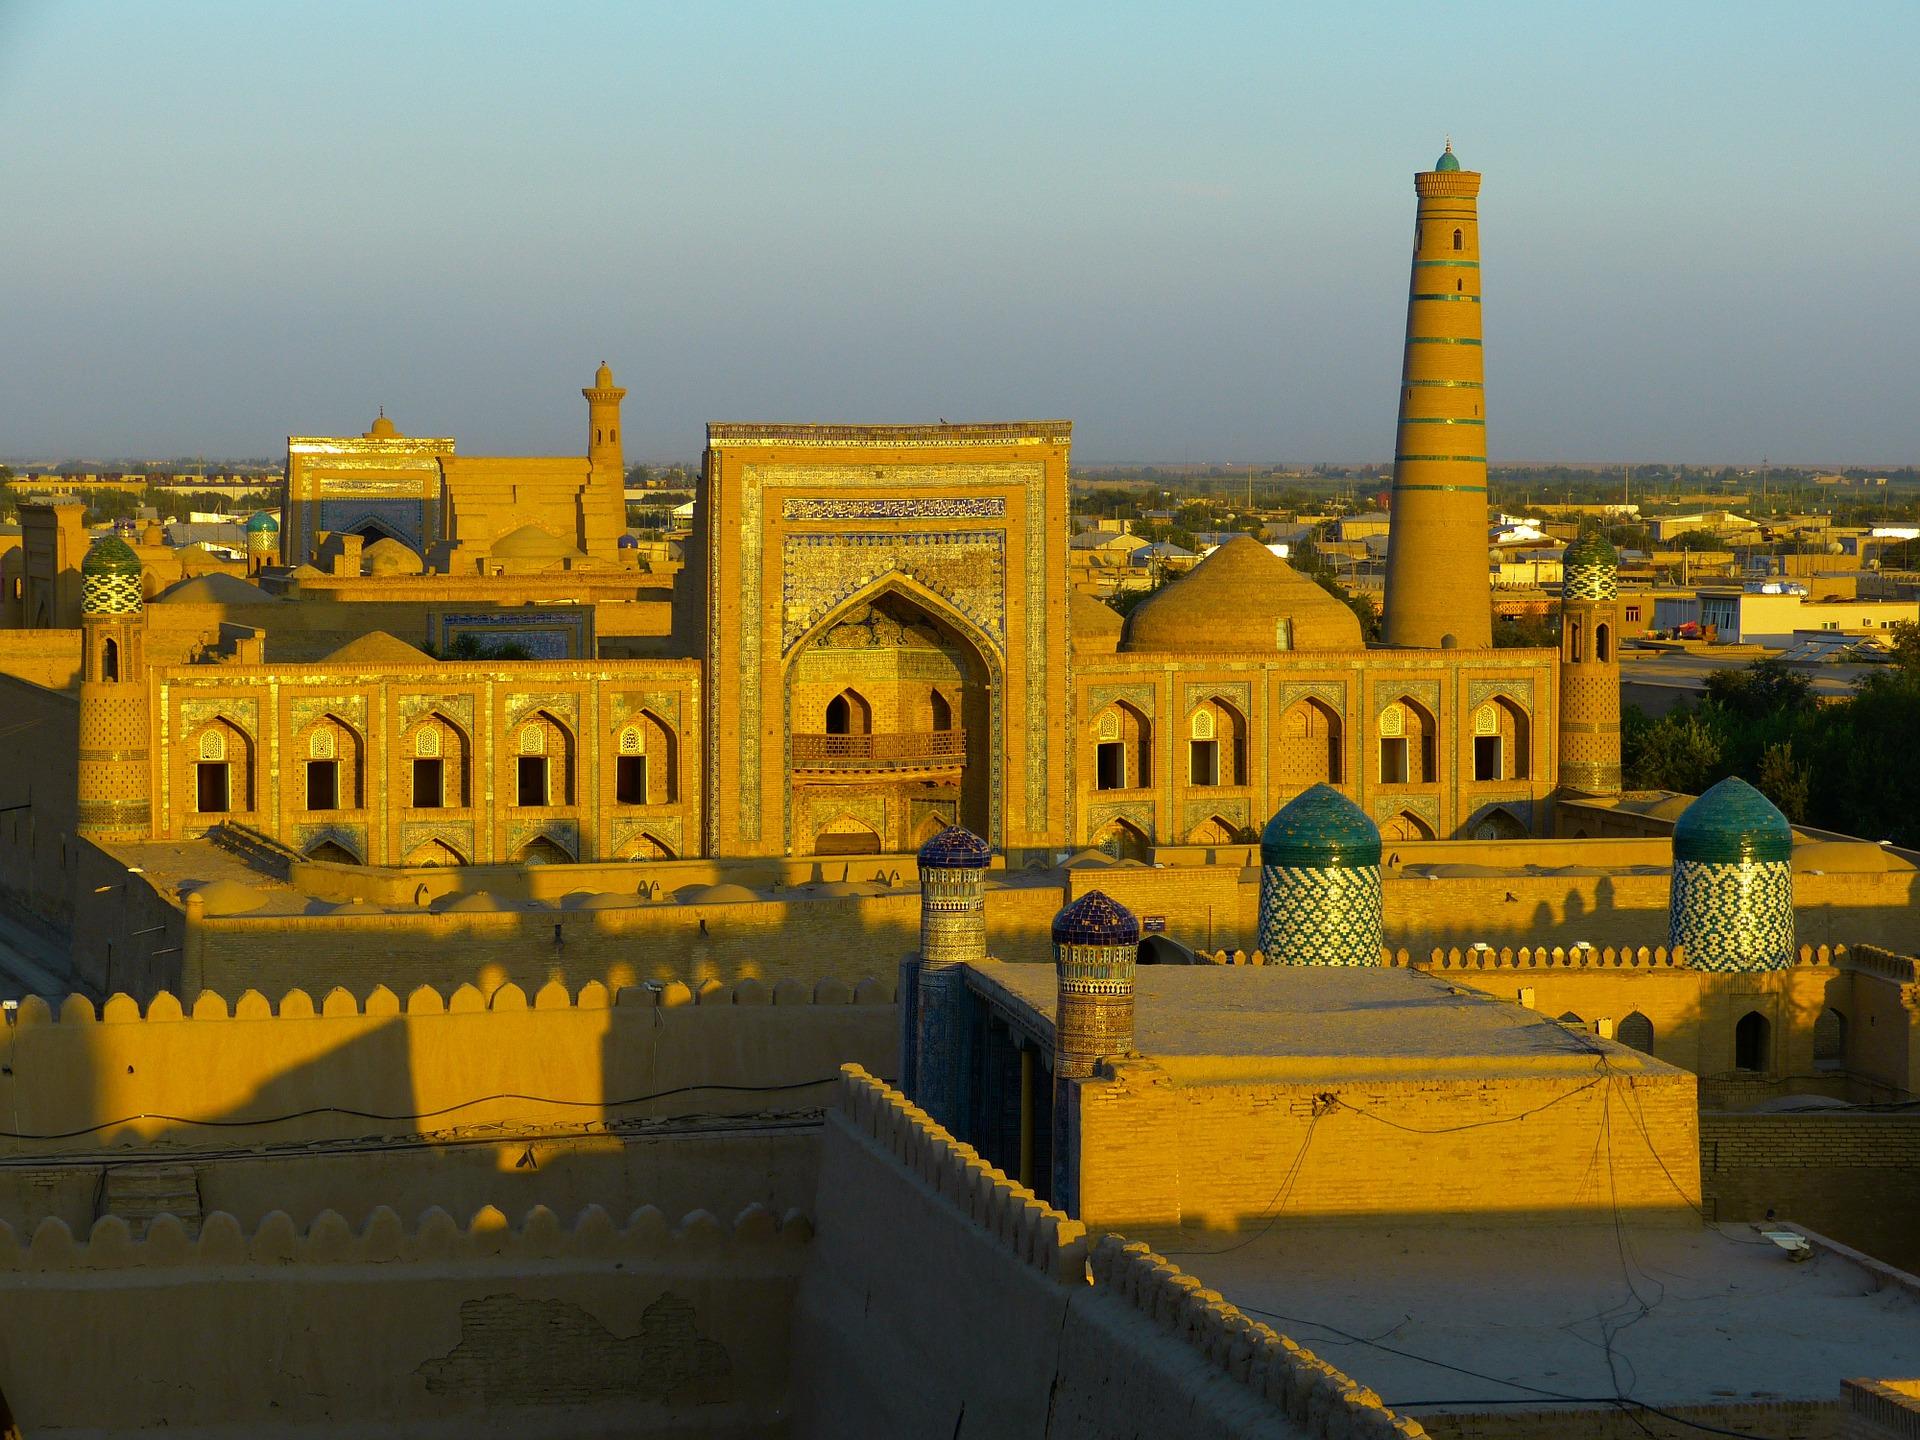 City in Uzbekistan